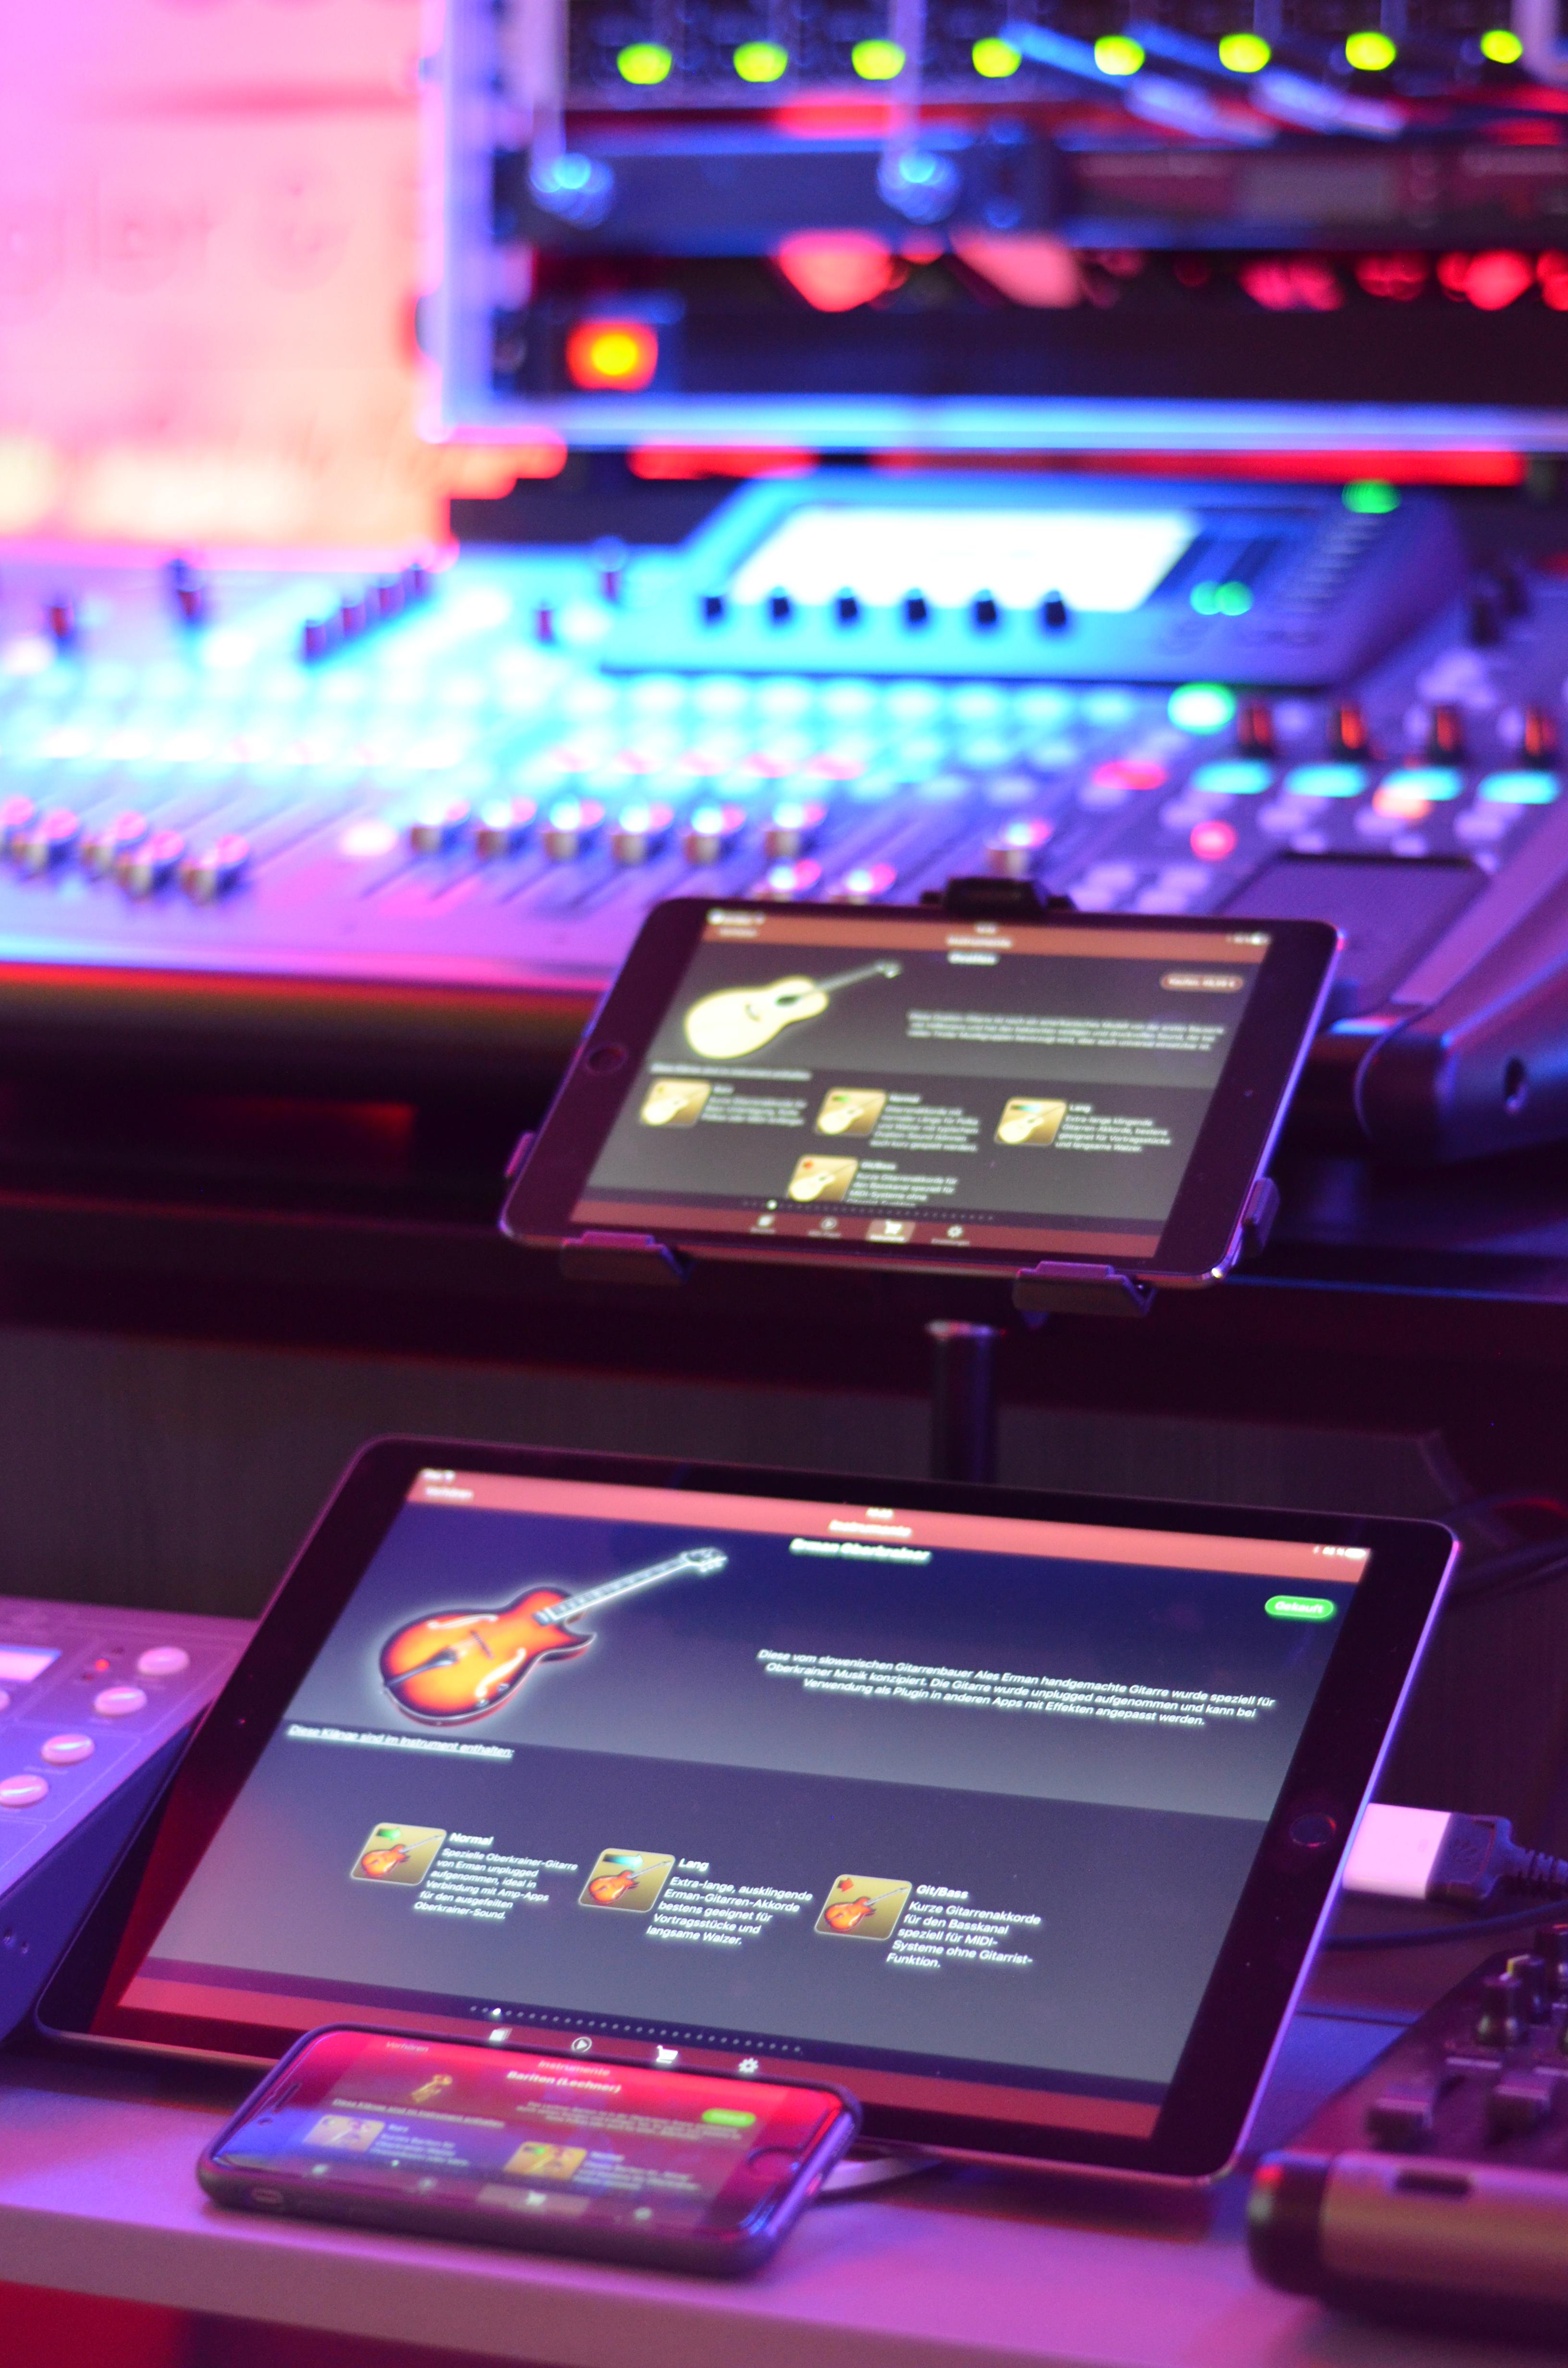 Stiegler & Friends Musikschule verwendet die Turbosounds-App im Musikunterricht